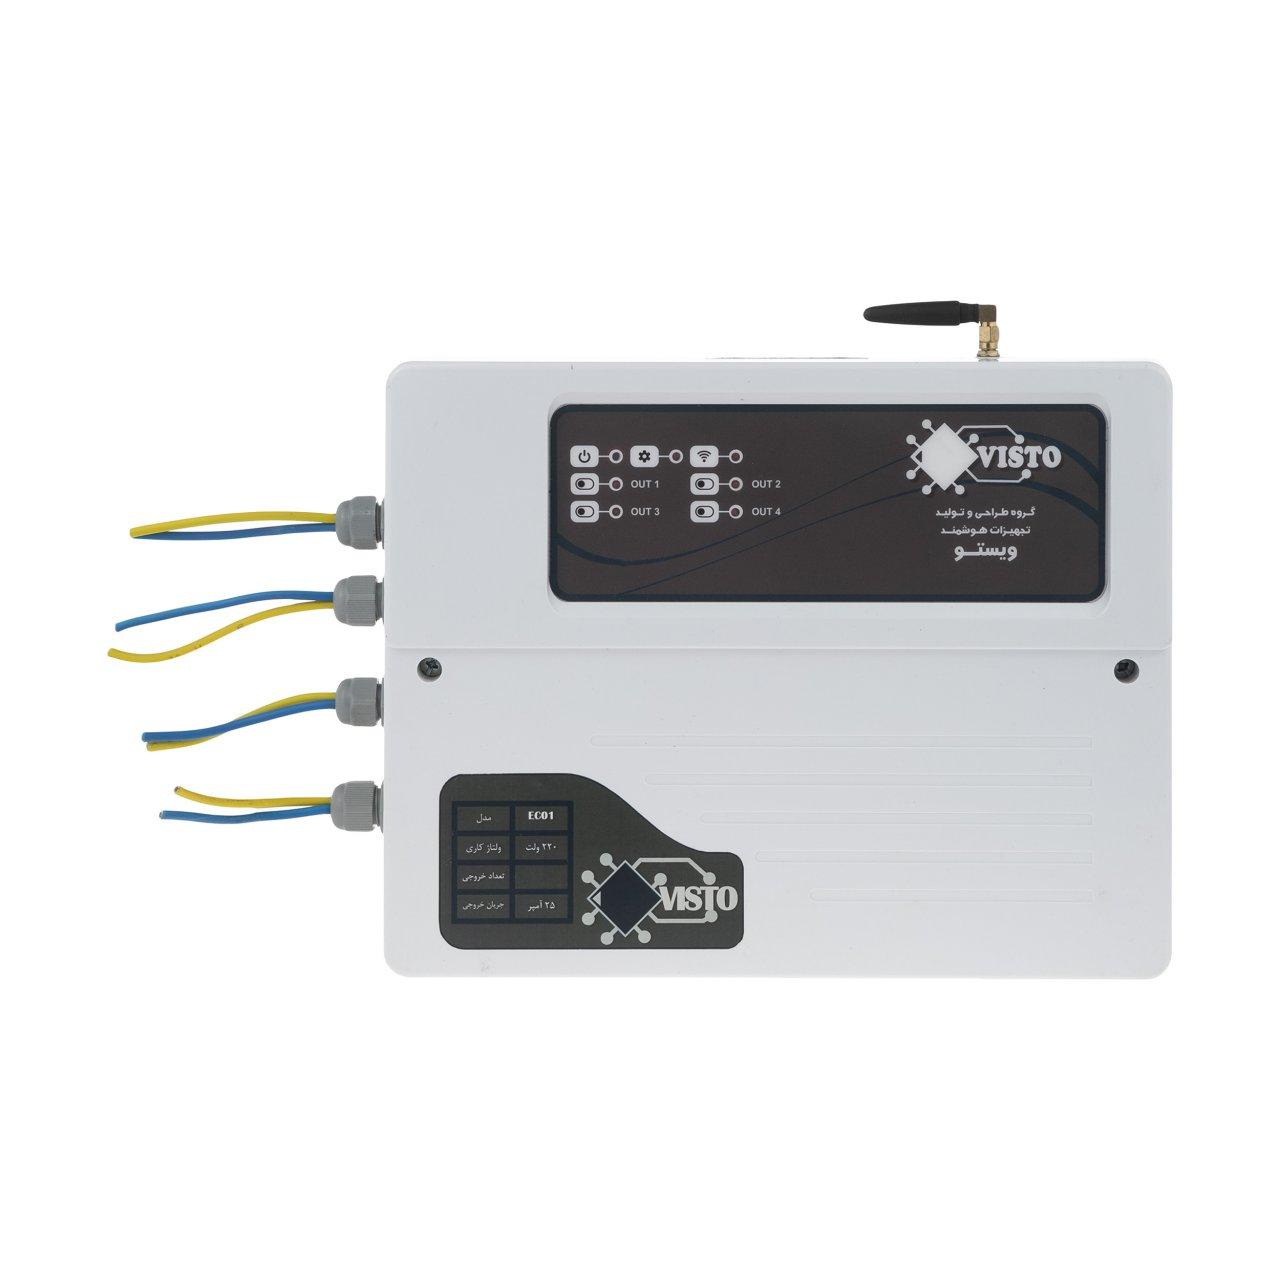 سیستم هوشمند کنترل از راه دور پیامکی ویستو مناسب برای آبیاری و کنترل وسایل مدل چهار خروجی (EC04)